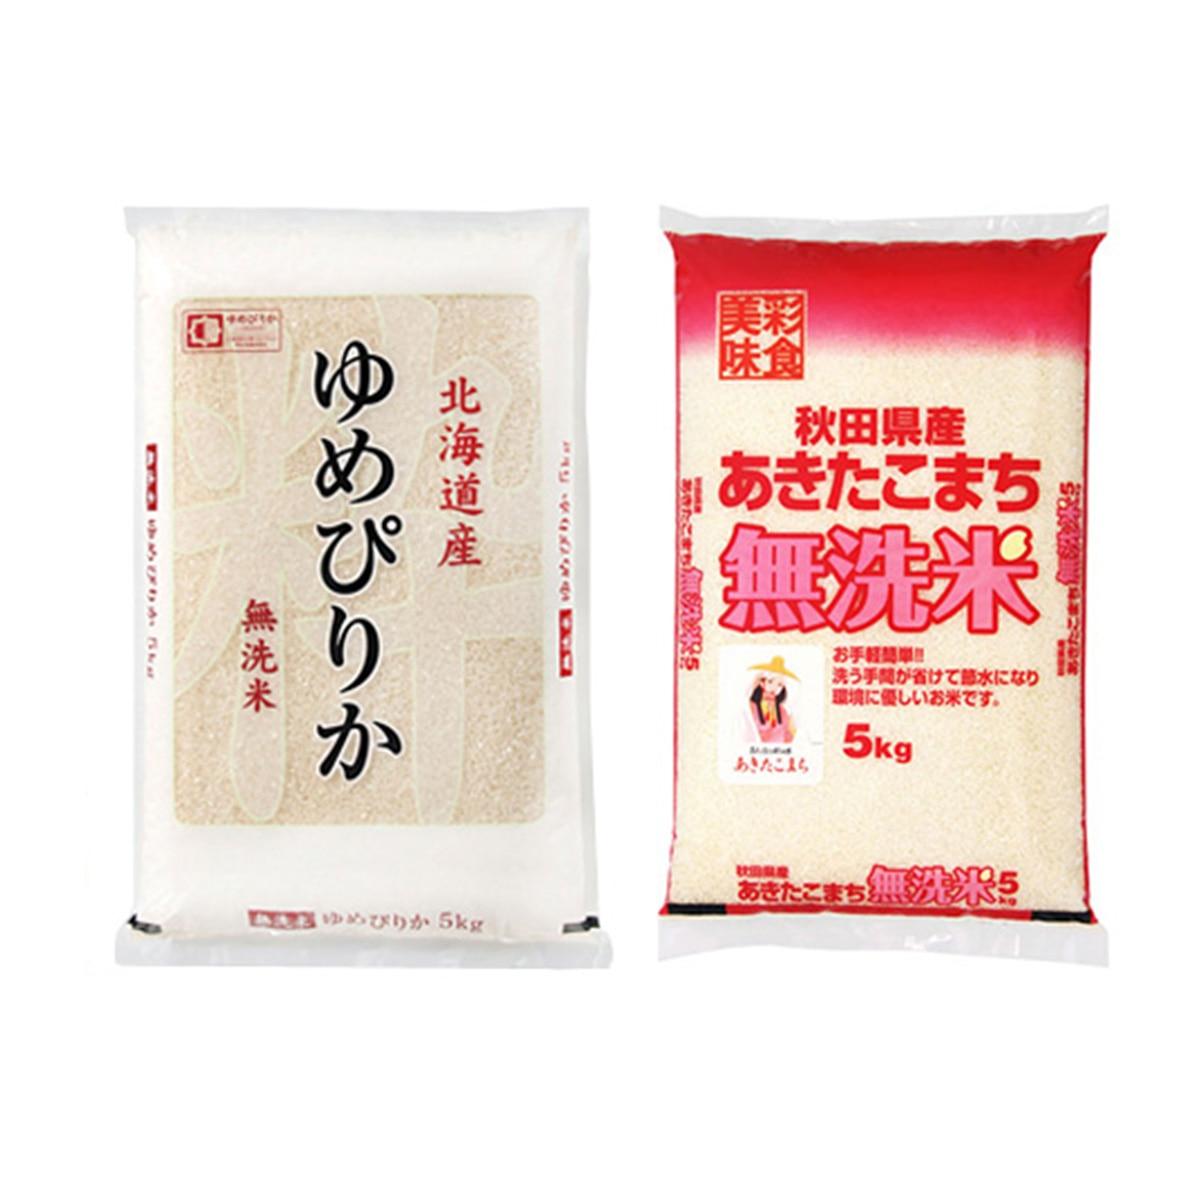 ■◇無洗米 令和2年産 北海道産 特A ゆめぴりか 5kg(1袋) ■◇無洗米 令和2年産 秋田県産 あきたこまち 5kg(1袋) セット